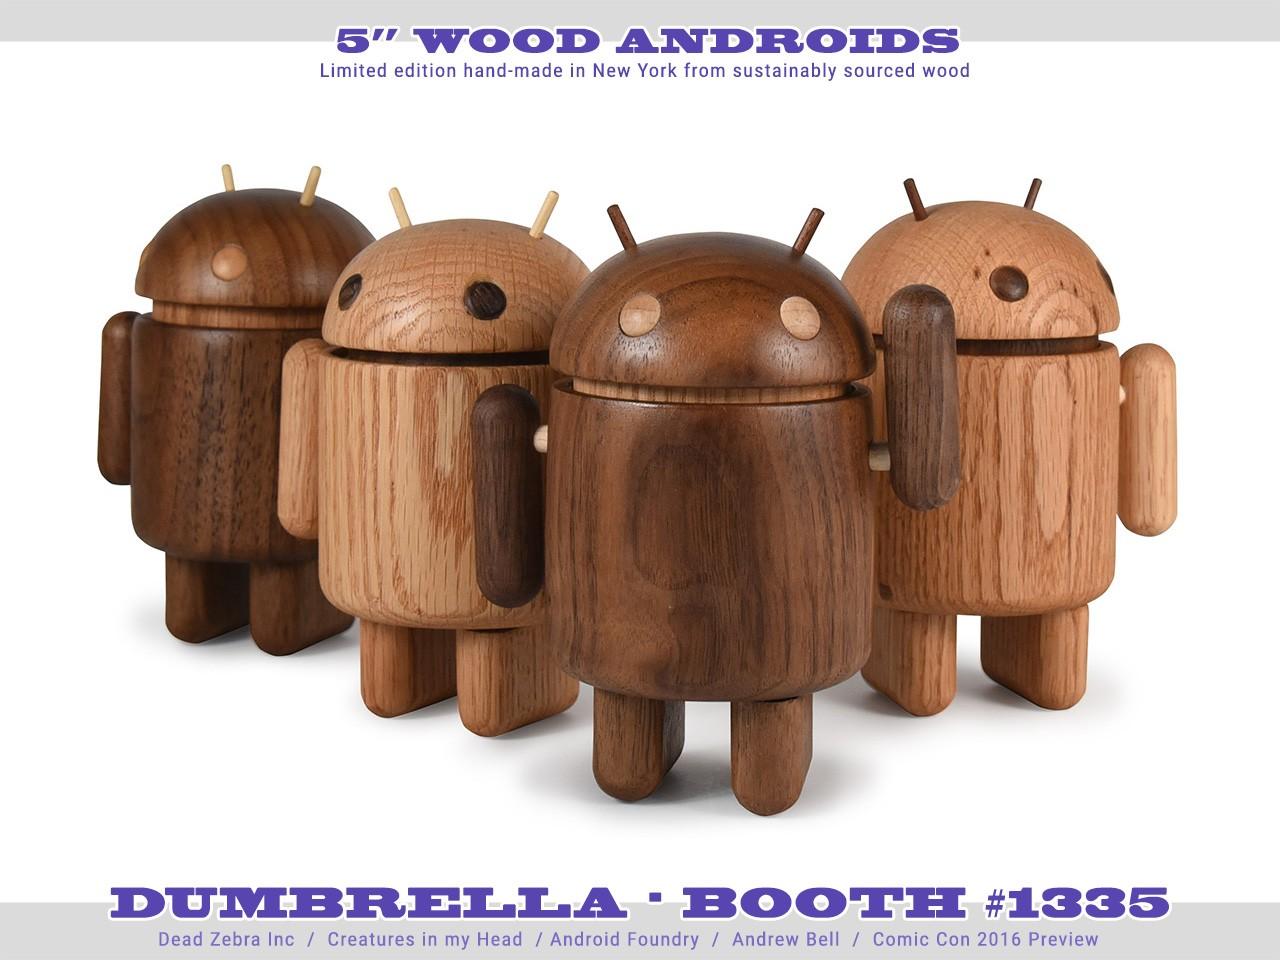 Tanti nuovi gadget Android al Comic-Con: dalle spille ai collezionabili in legno (foto)